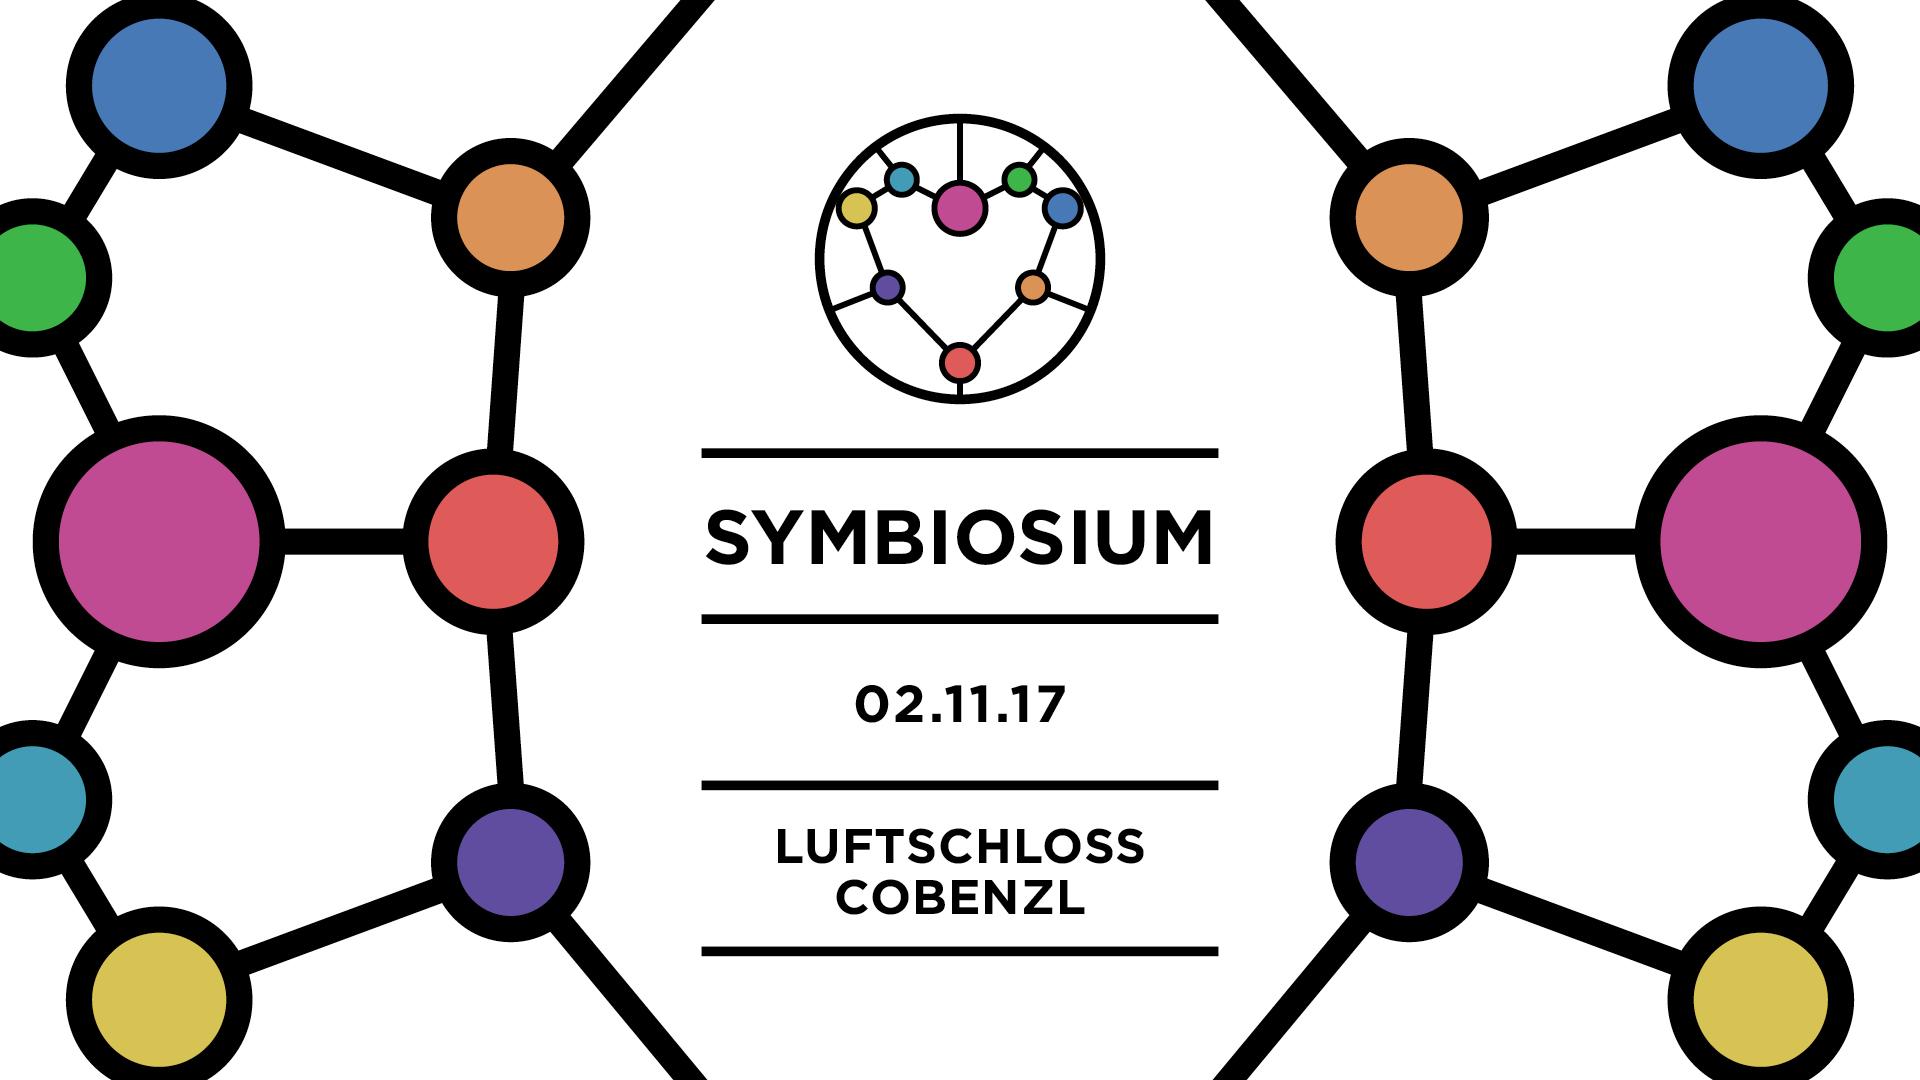 Symbiosium Luftschloss Cobenzl